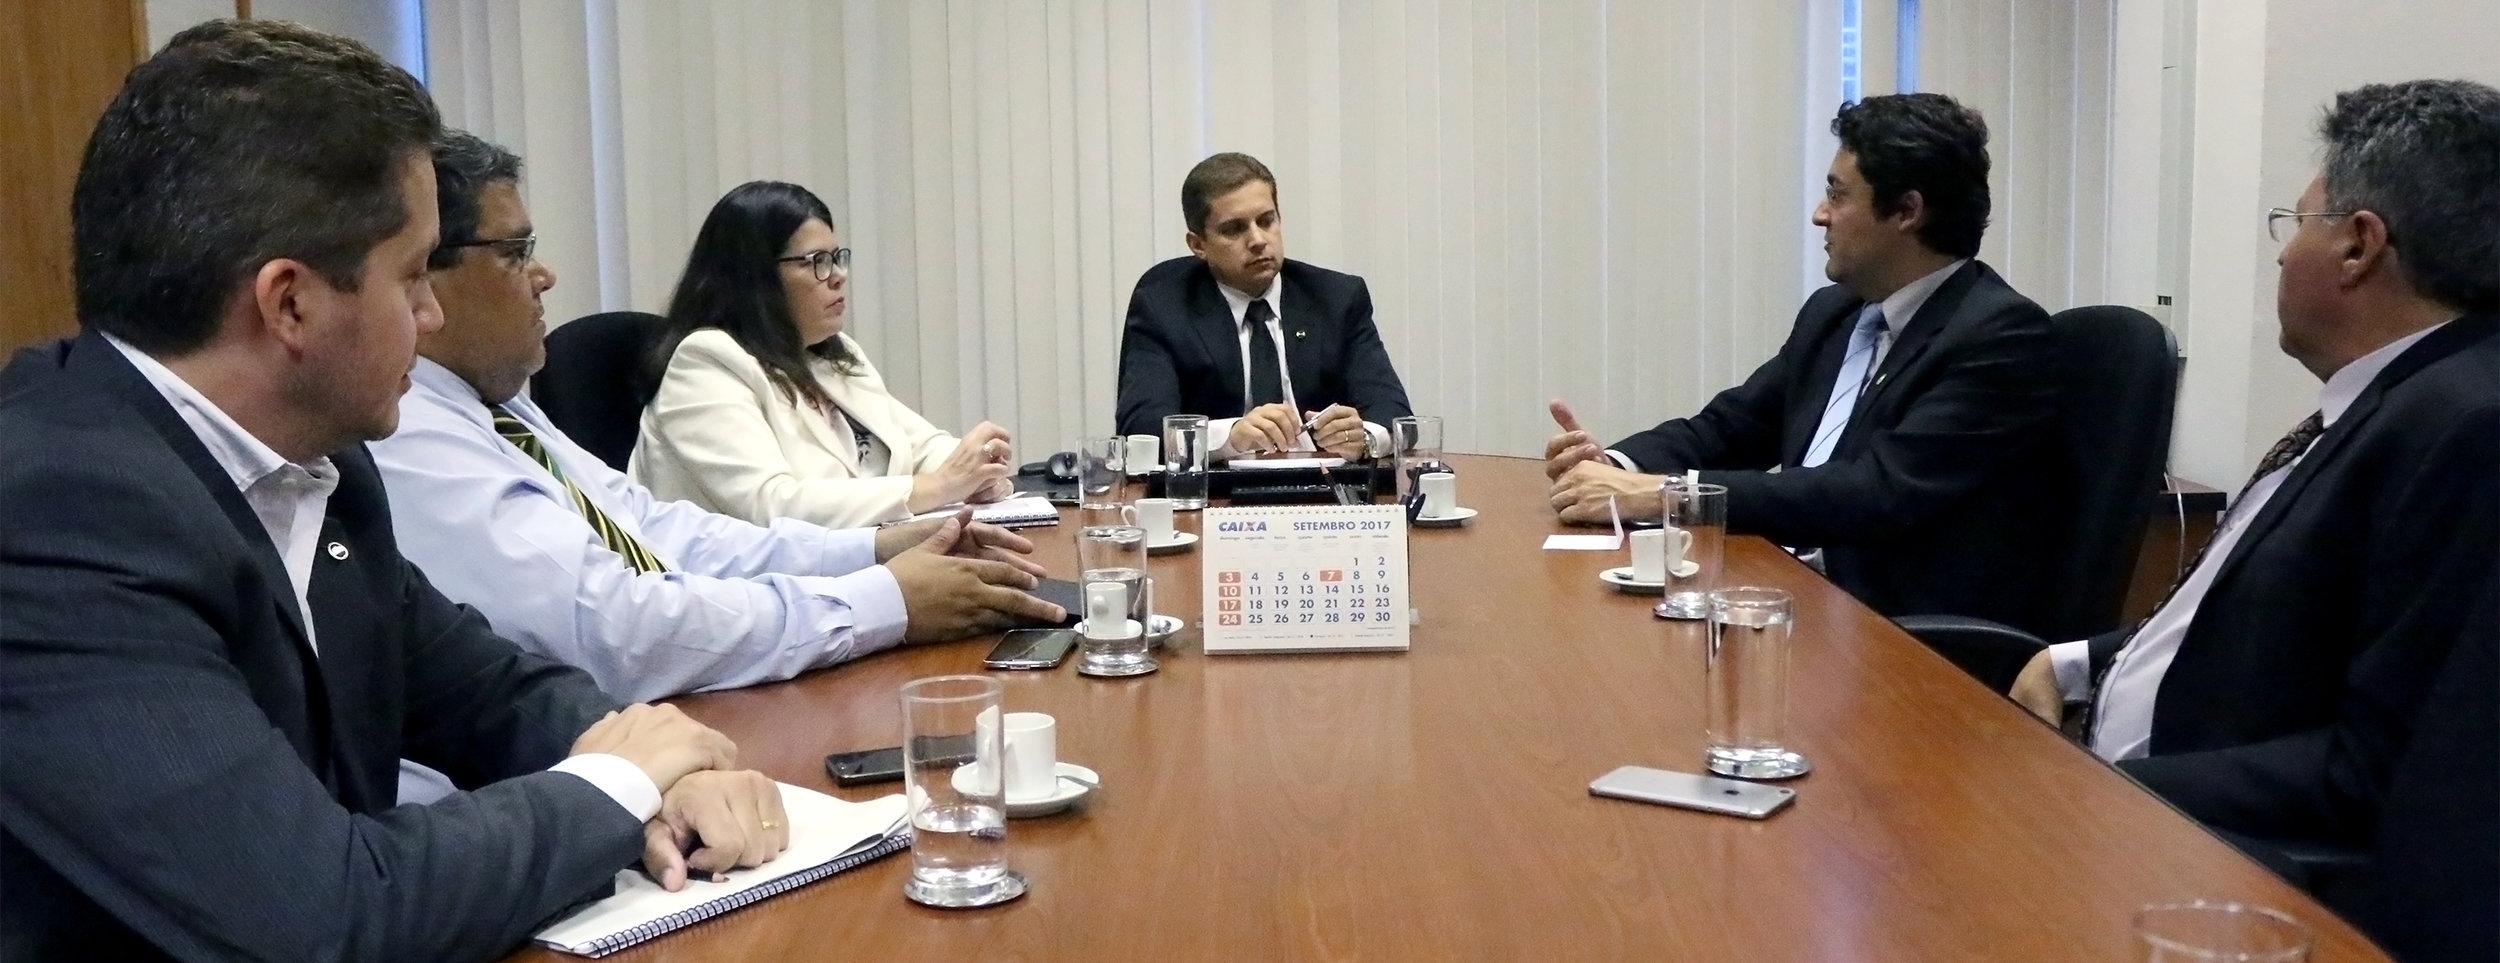 Vinícius Roda, Tito Fróes, Aline Soares, Gleisson Rubin, Alex Canuto e Alex Machado. Foto: Filipe Calmon / ANESP